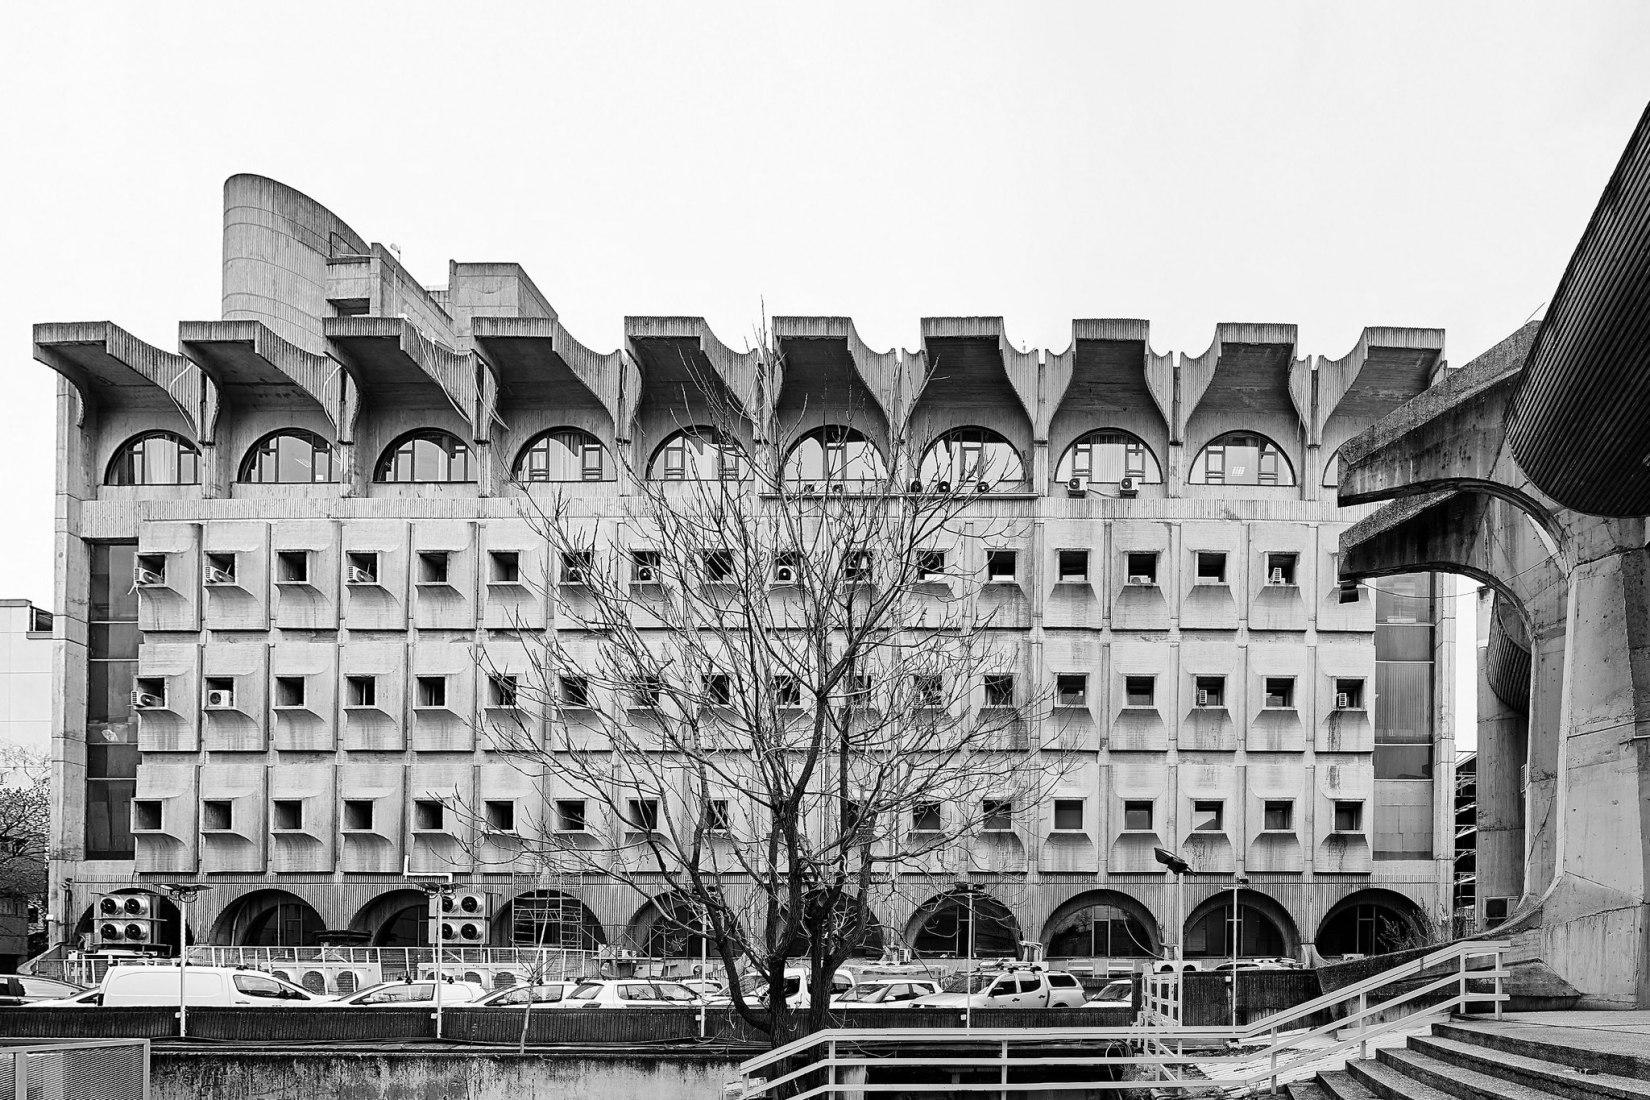 Macedonian Telekom, la oficina central de correos de Skopje (Janko Konstantinov, 1974). Fotografía de Vase Amanito para Blue Crow Media